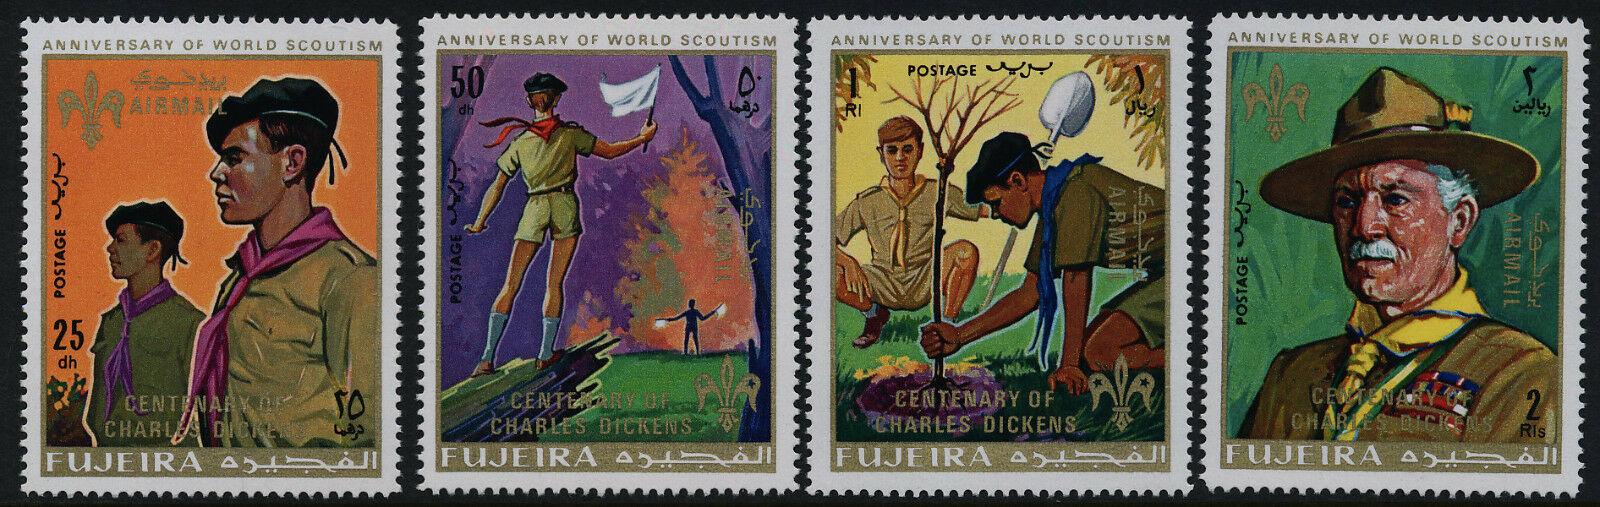 Fujeira - Michel #517-520 (1970)